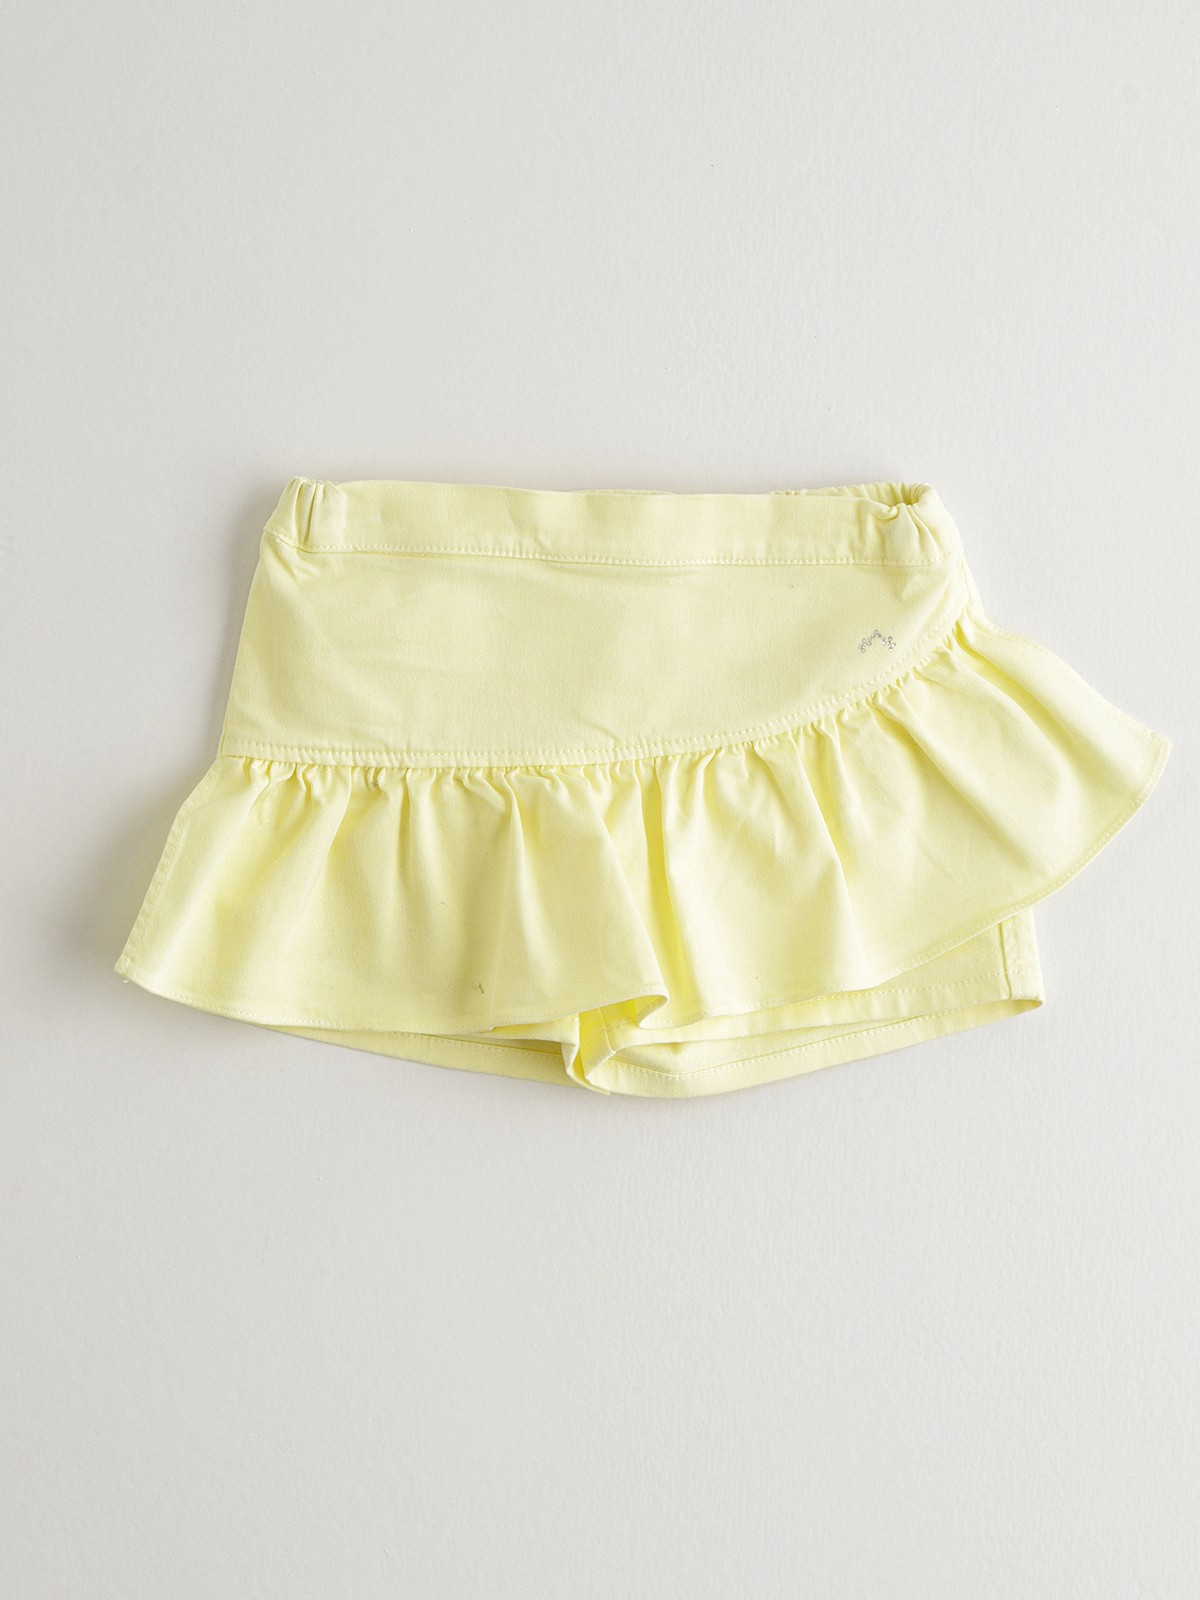 NANOS 檸檬黃褲裙